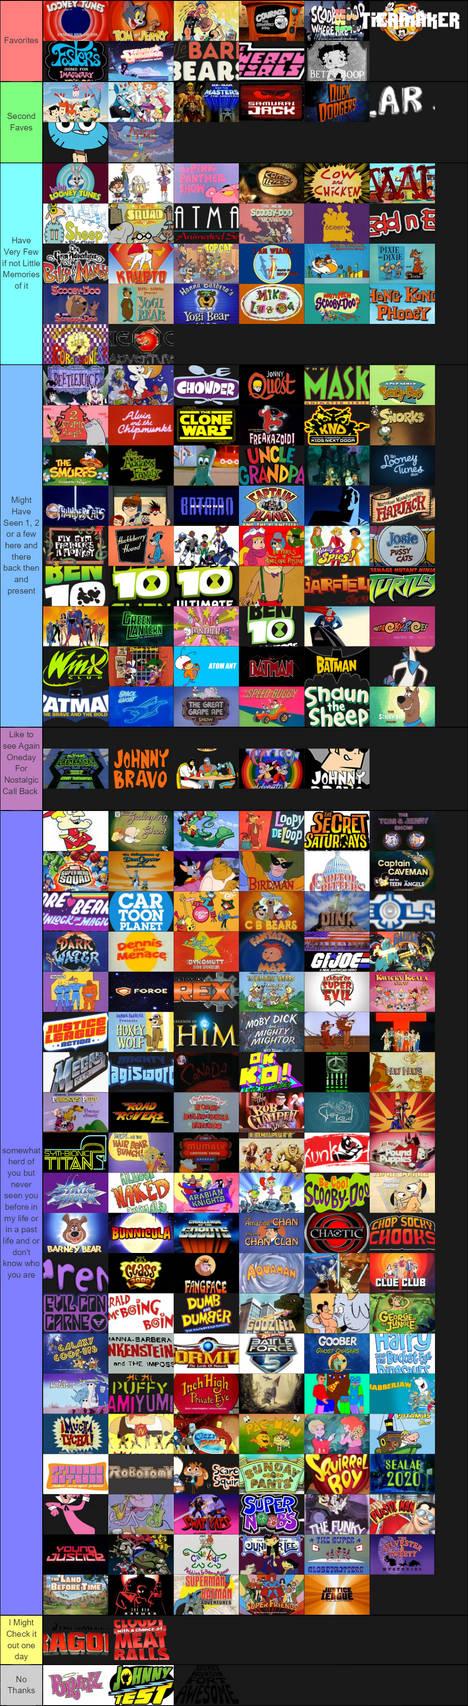 My Cartoon Network Shows Tier List By Carriejokerbates On Deviantart